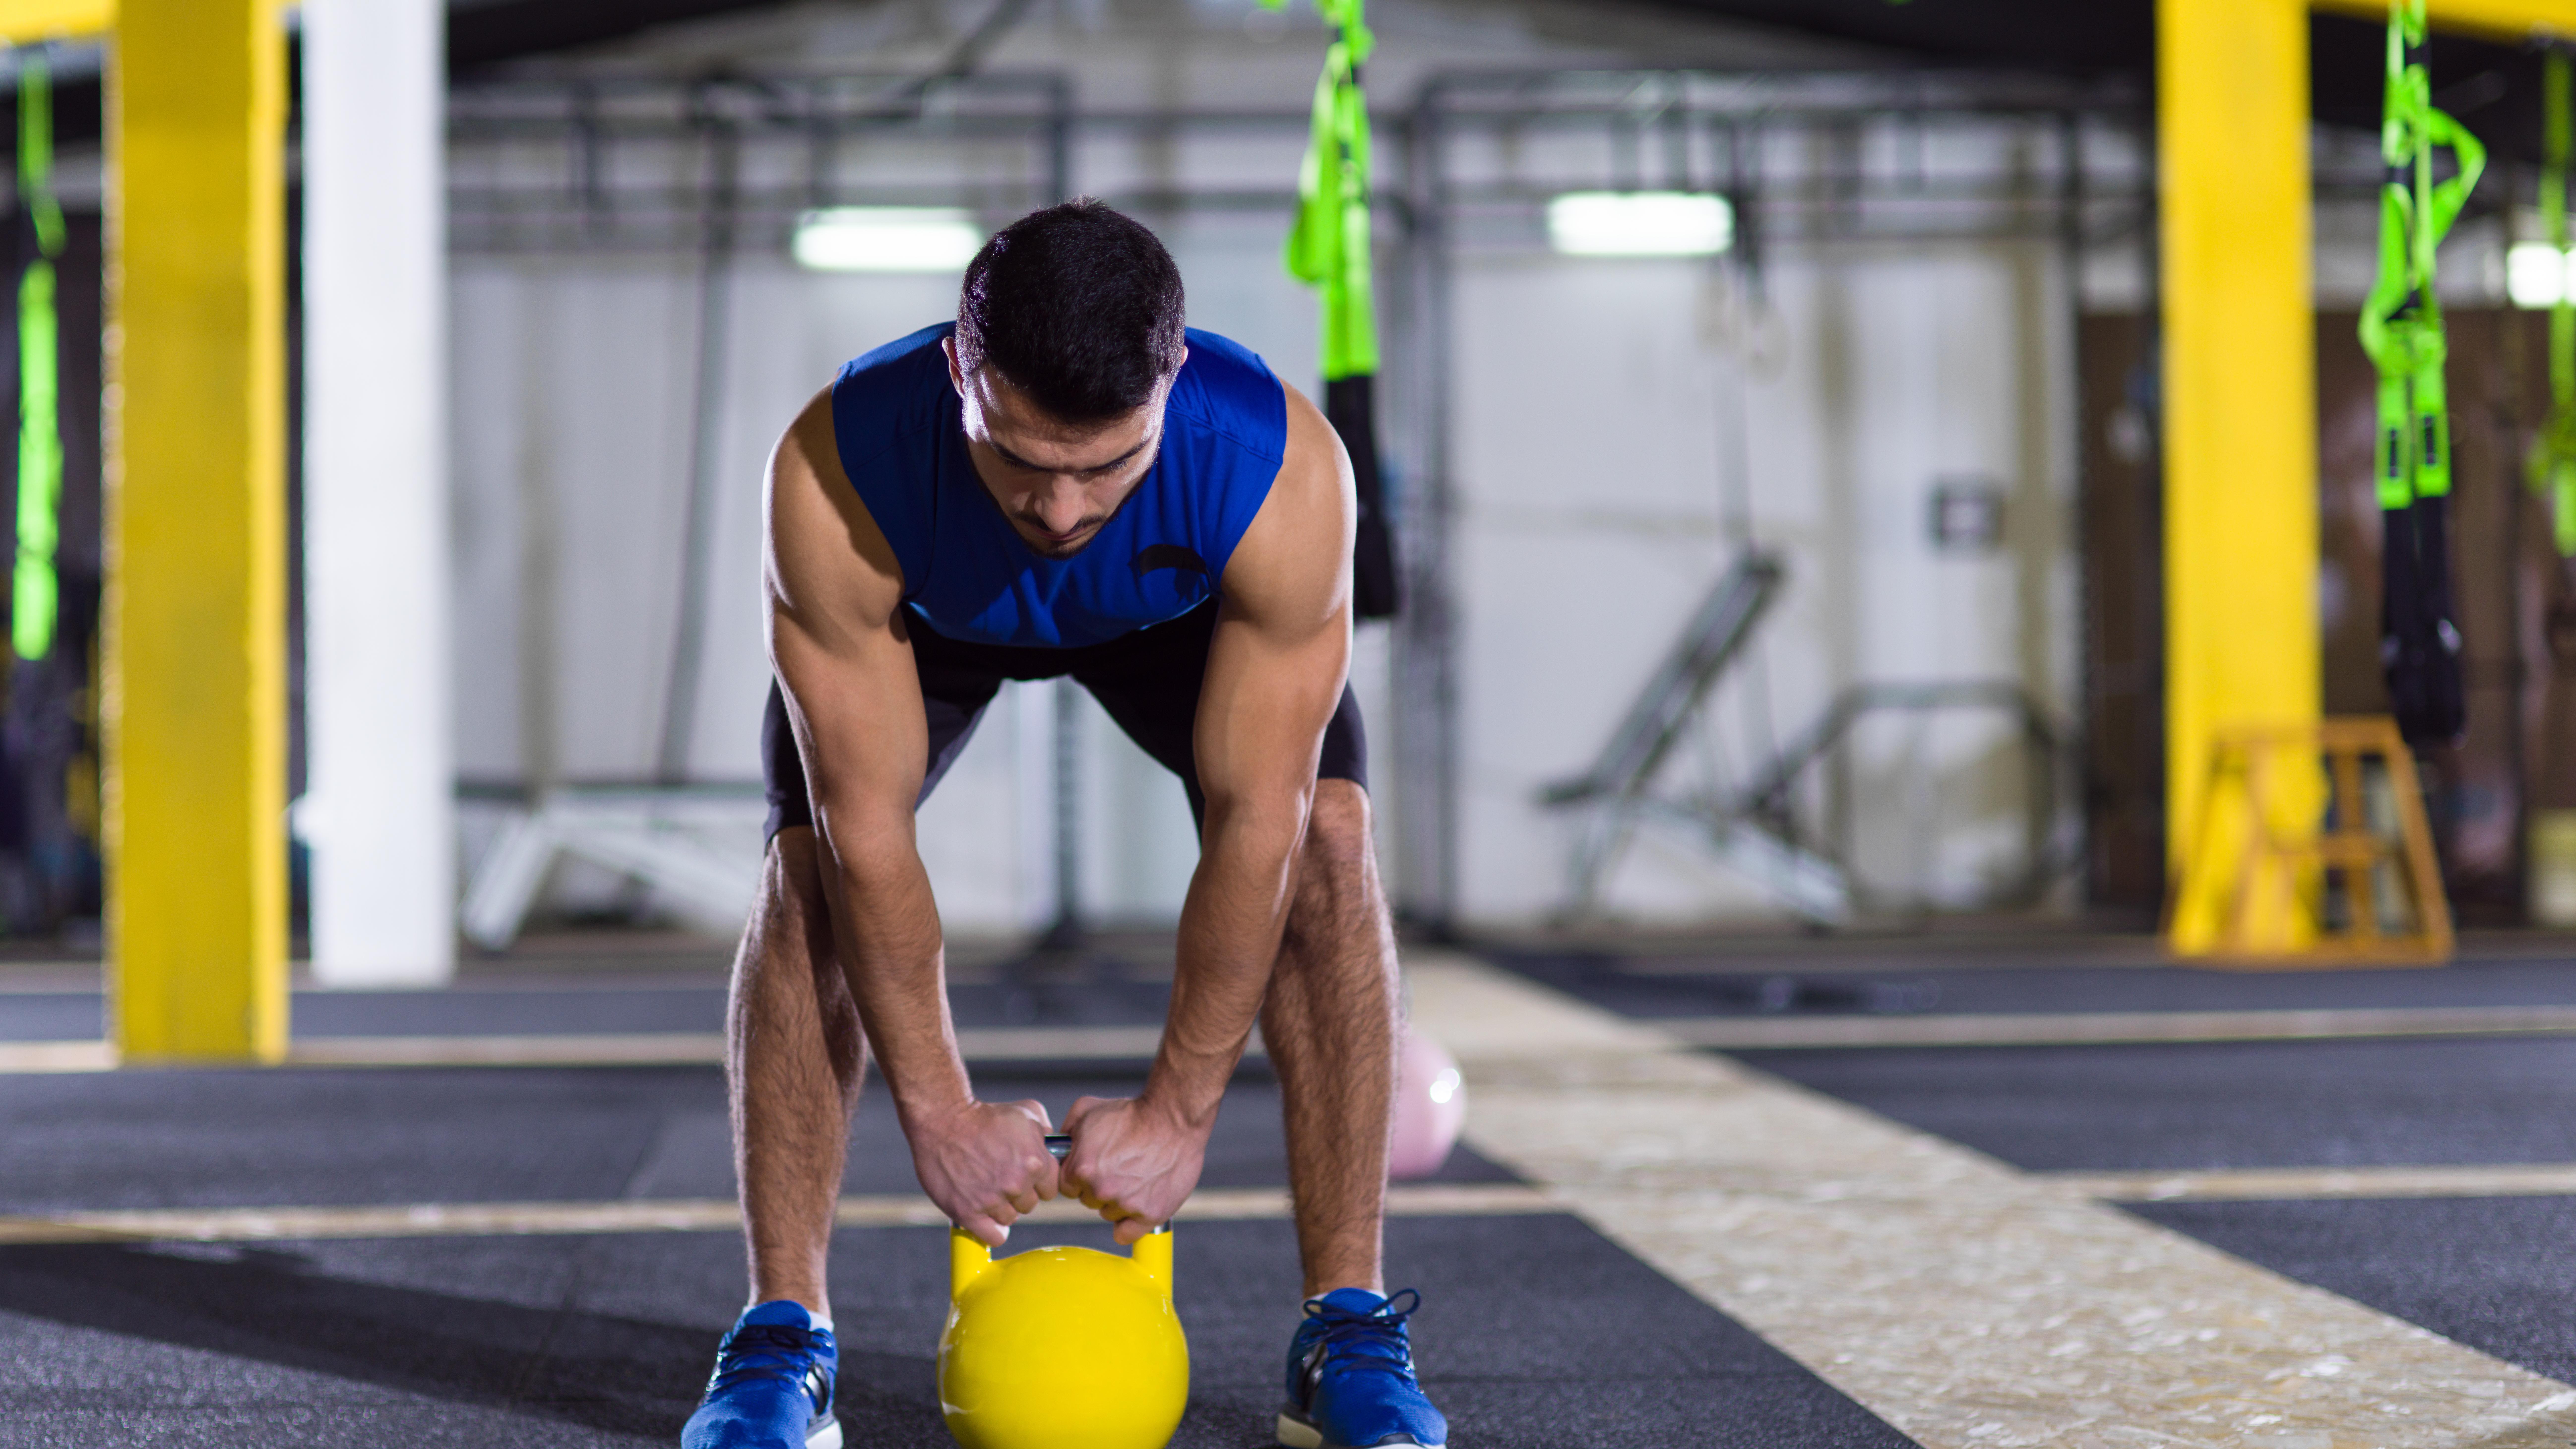 Stellen Sie sich Ihren individuellen Trainingsplan zusammen, indem Sie verschiedene Kettlebell-Workouts ausprobieren und einzelne Übungen in Ihr persönliches Workout integrieren.